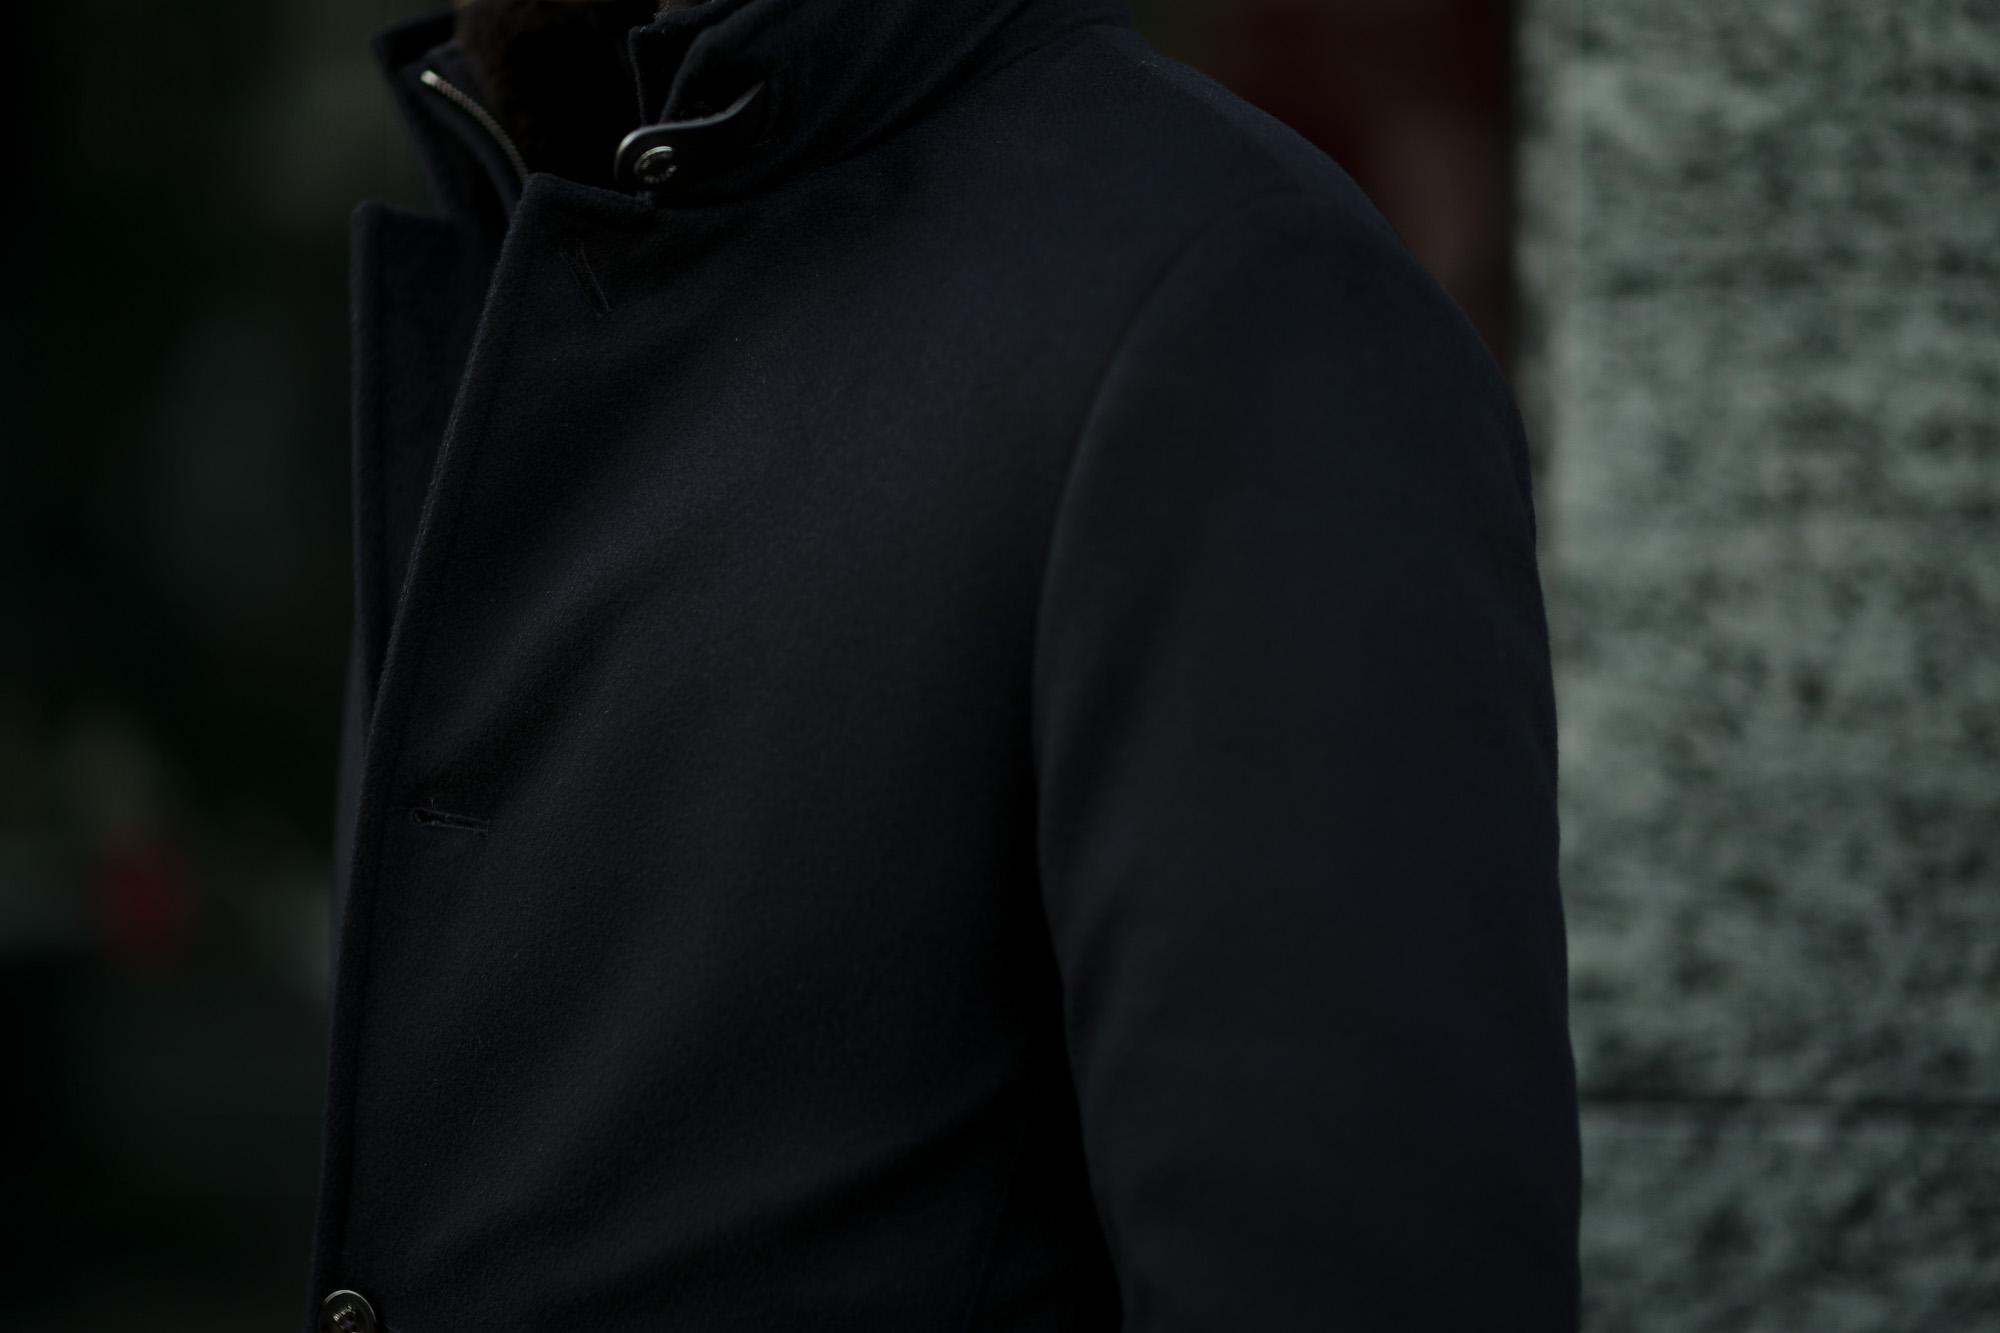 MOORER (ムーレー) BOND/FUR-BAB (ボンド) ホワイトグースダウン カシミア ダウンコート CAMEL(キャメル・30),DARK GREY(ダークグレー・07),DARK BLUE(ダークブルー・78),NERO(ブラック・08) Made in italy (イタリア製) 2020AW【2020 秋冬 受注会開催 2019.12.15~2020.1.05】ムーレー ボンド カシミヤコート 愛知 名古屋 altoediritto アルトエデリット ダウンコート